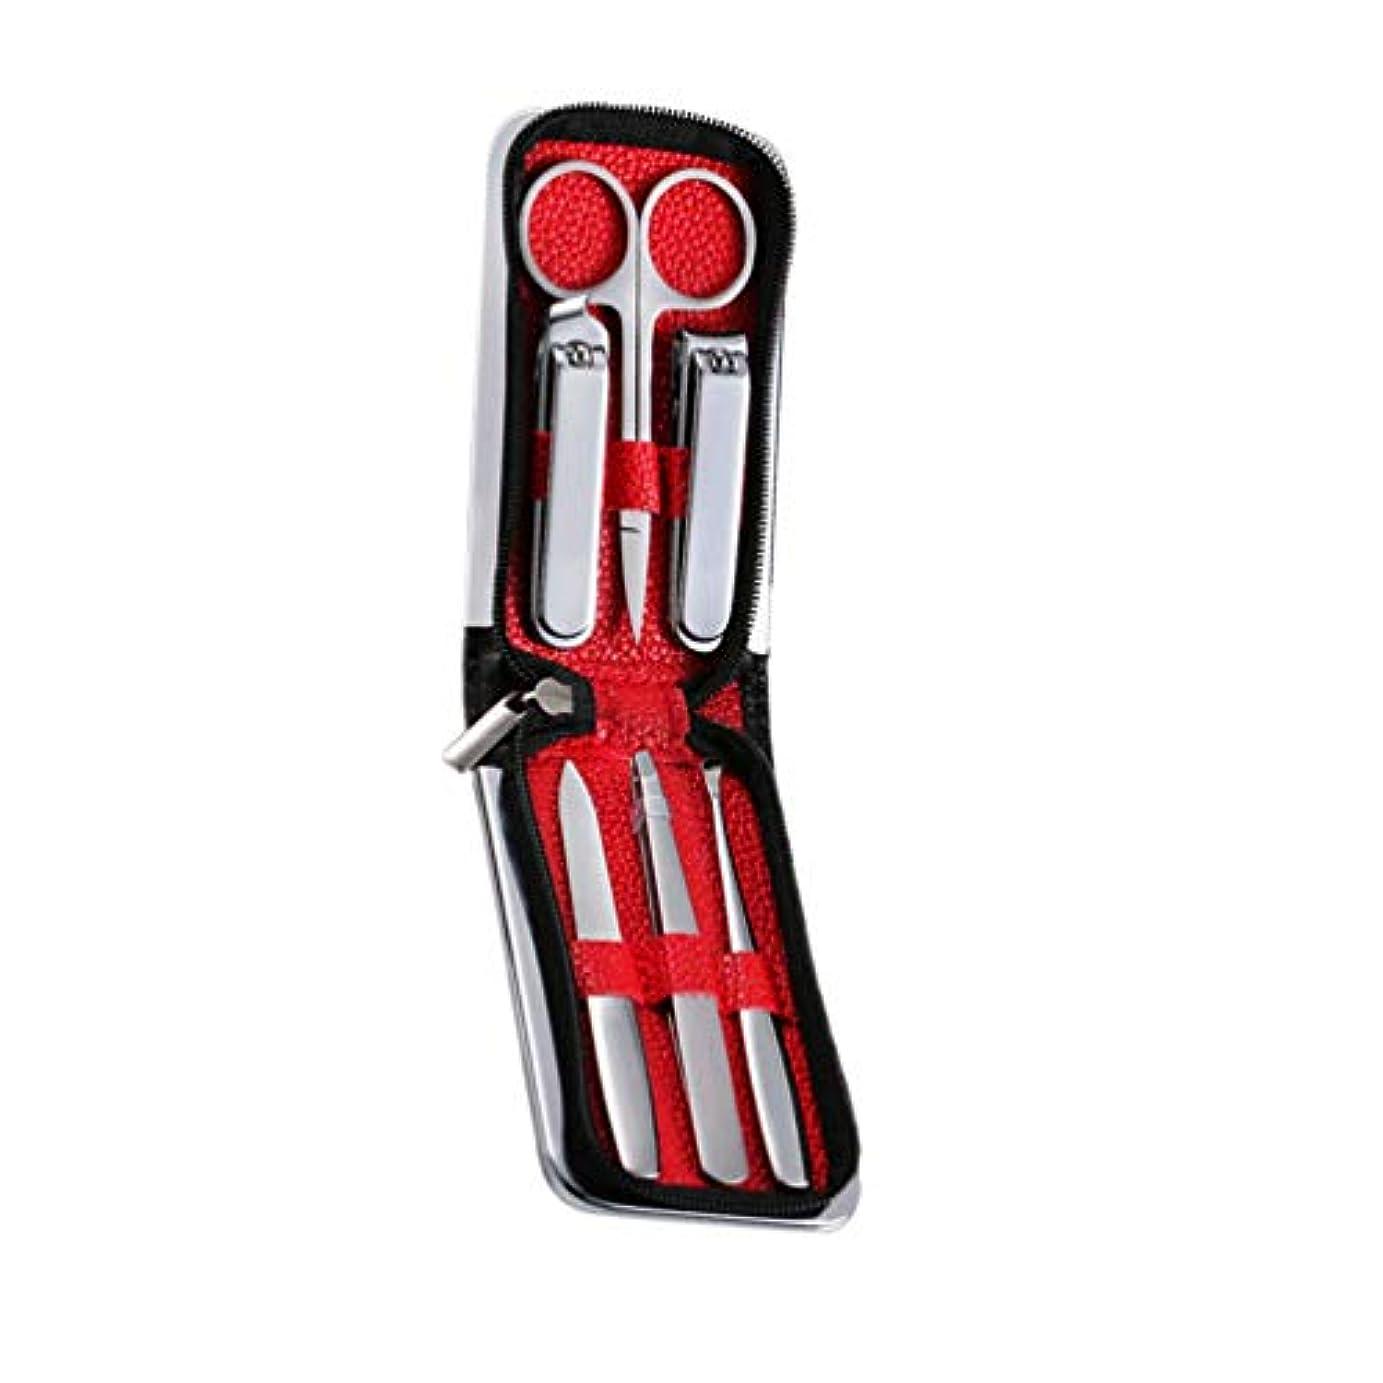 革新歩道スリルHeallily 爪切り、男性の女性のためのケースステンレス鋼の爪カッタートリマーマニキュアツールキットとセット爪切りマニキュアツールの1セットは、屋外旅行(黒)